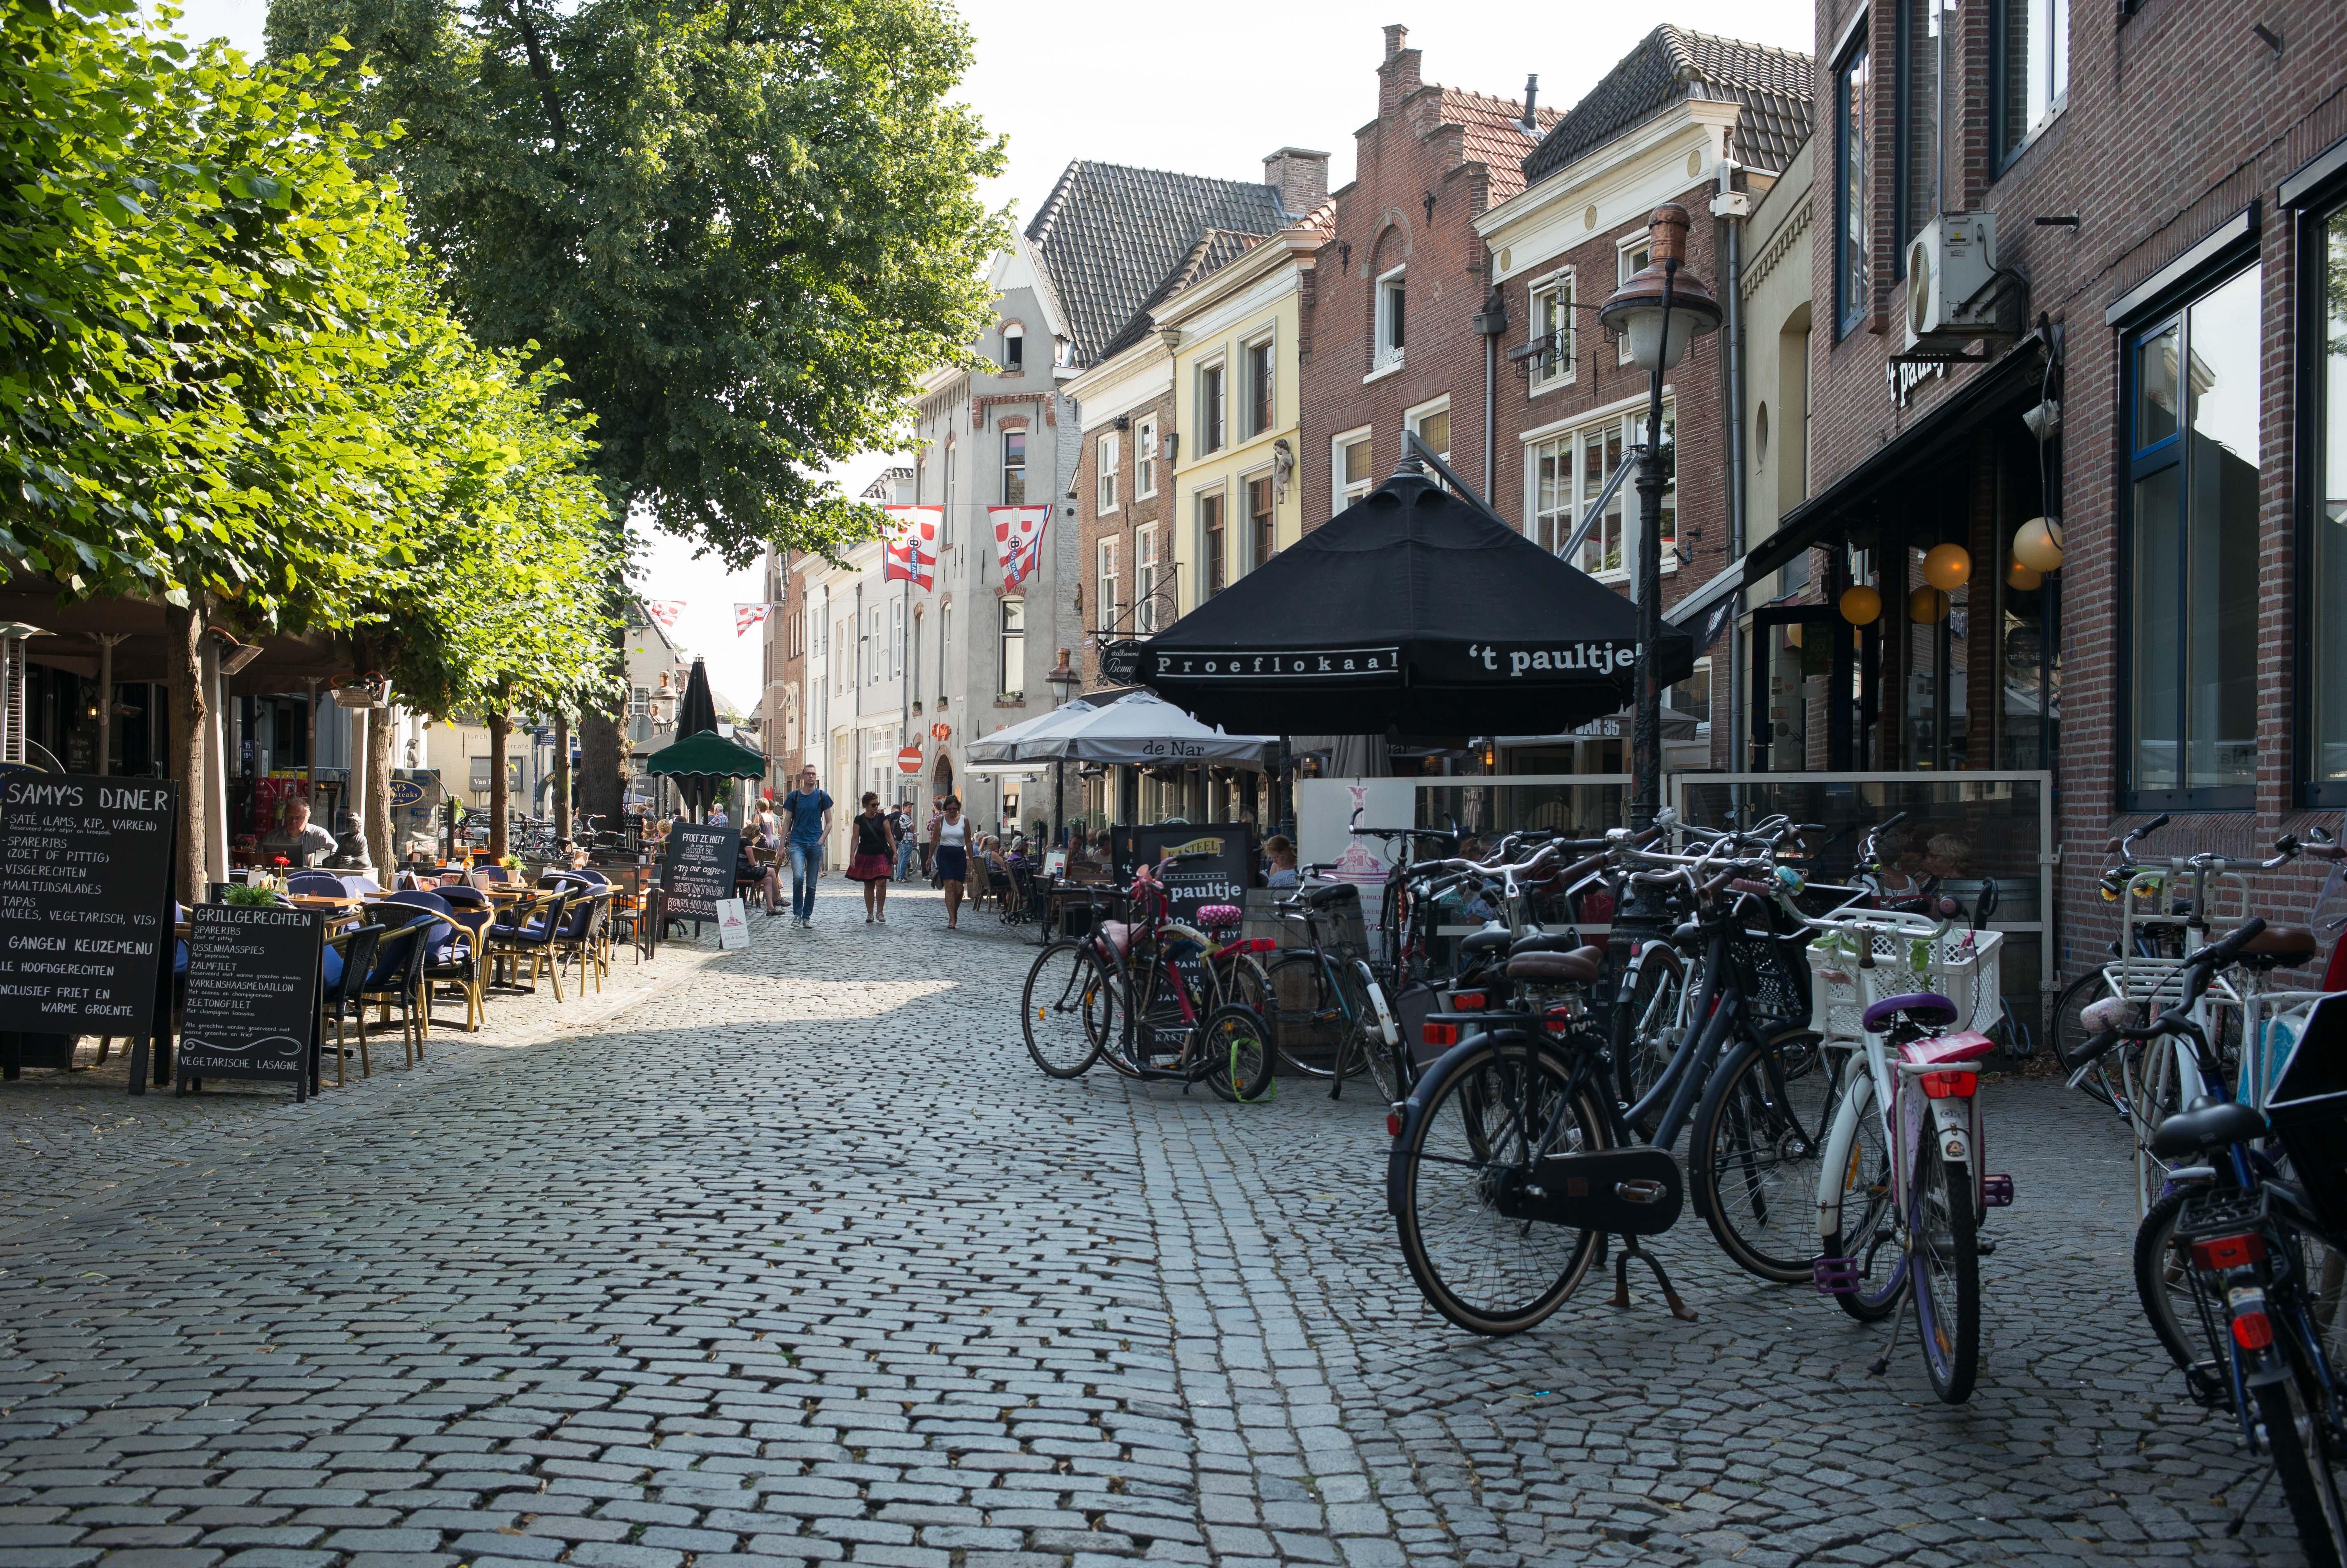 Zentrum 's-Hertogenbosch